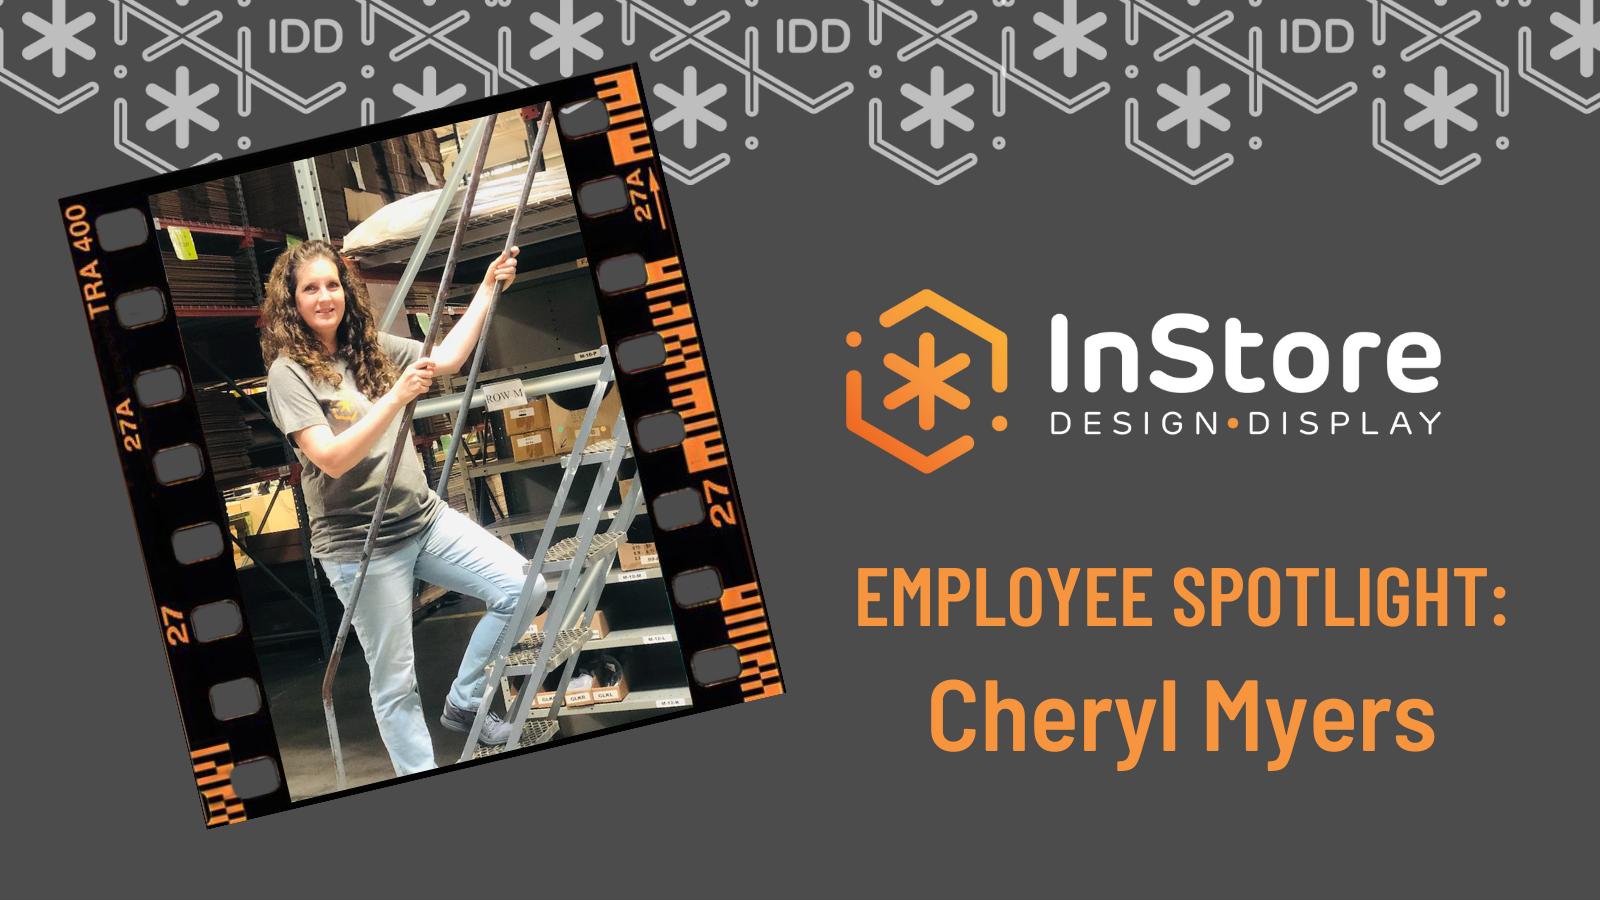 Team Member Spotlight: Cheryl Myers